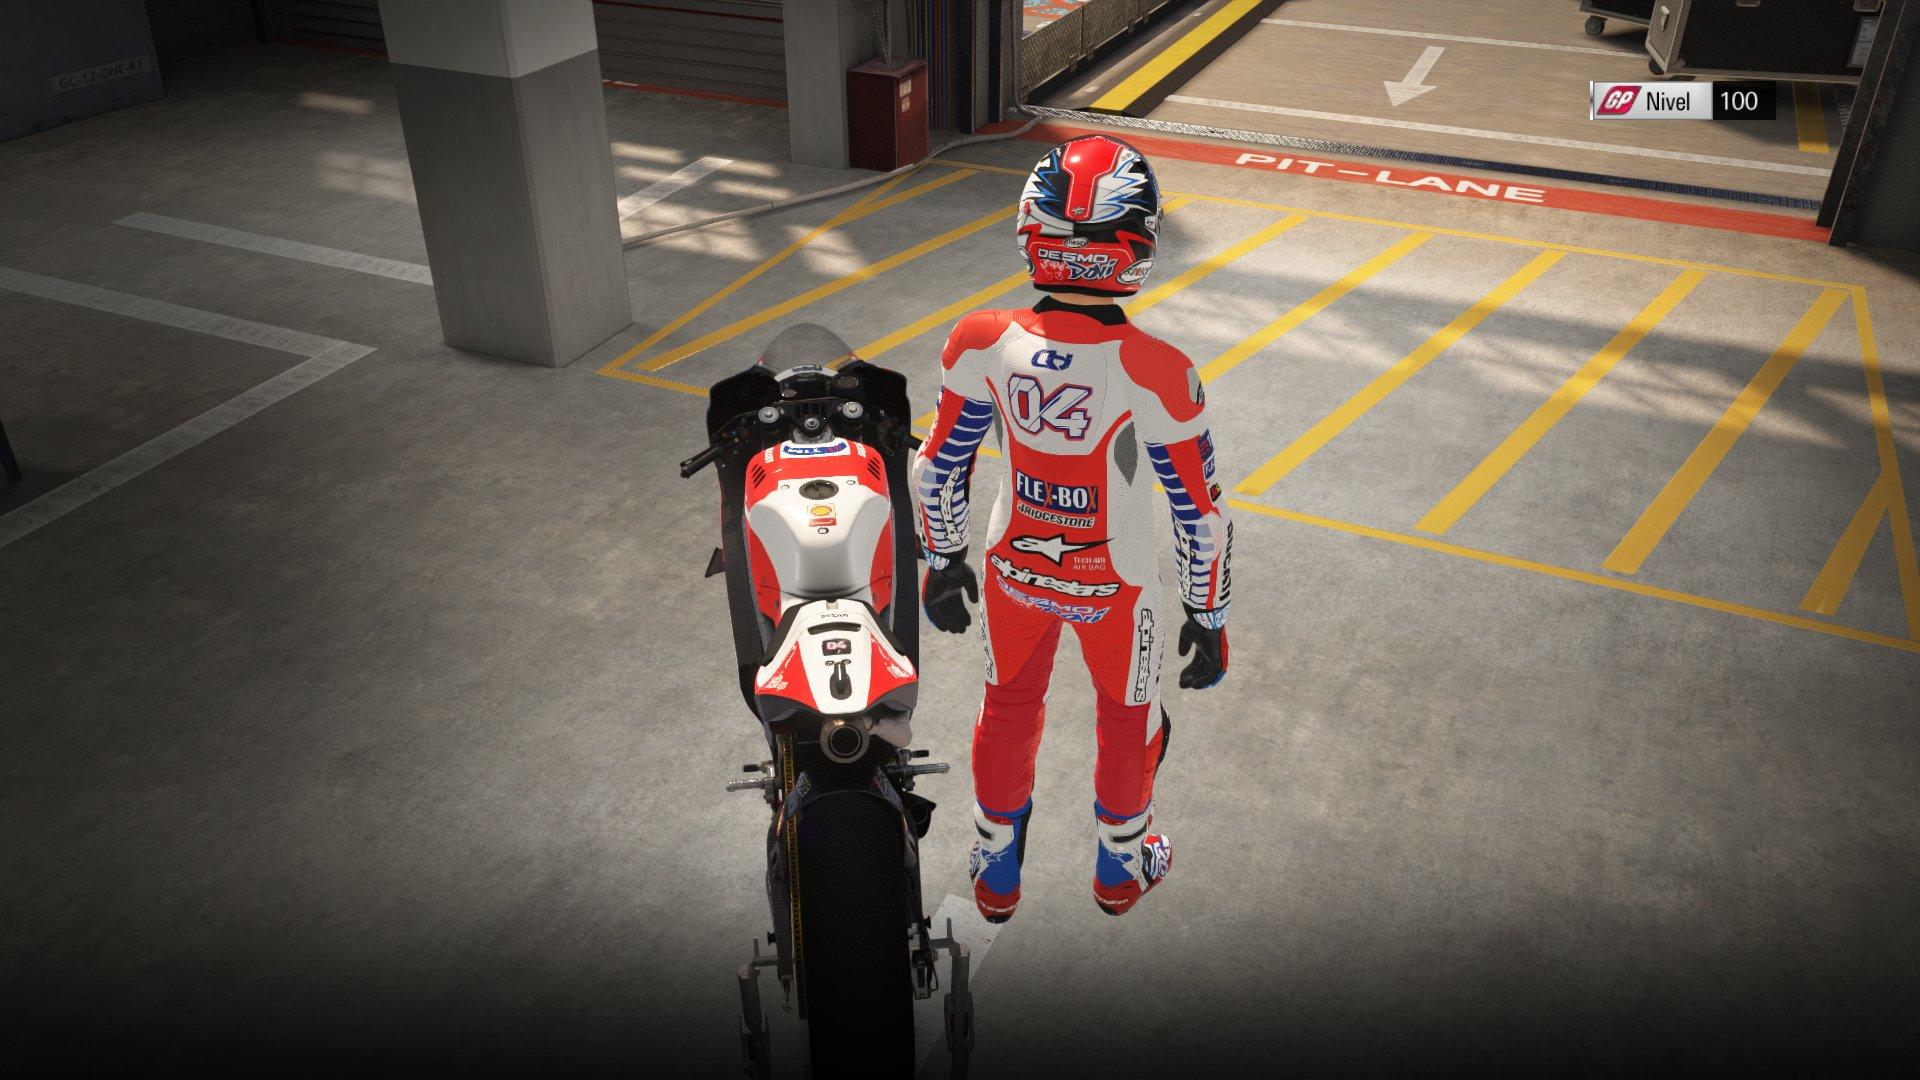 MotoGP15X64_2017-02-02_12-18-58-688.jpg